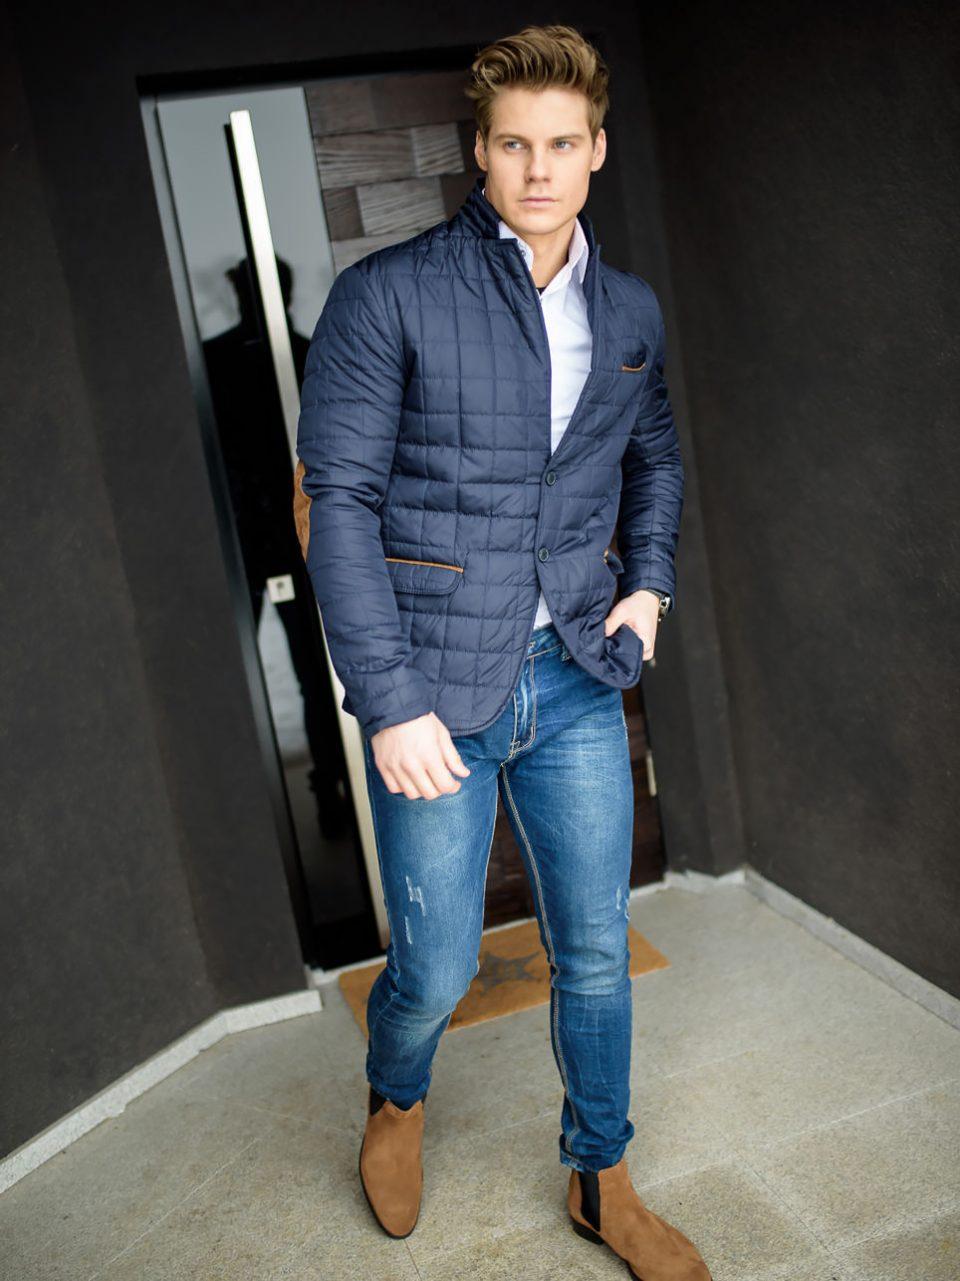 pol_pl_Stylizacja-nr-159-kurtka-przejsciowa-elegancka-koszula-meska-spodnie-jeansowe-49037_1-960x1281.jpg